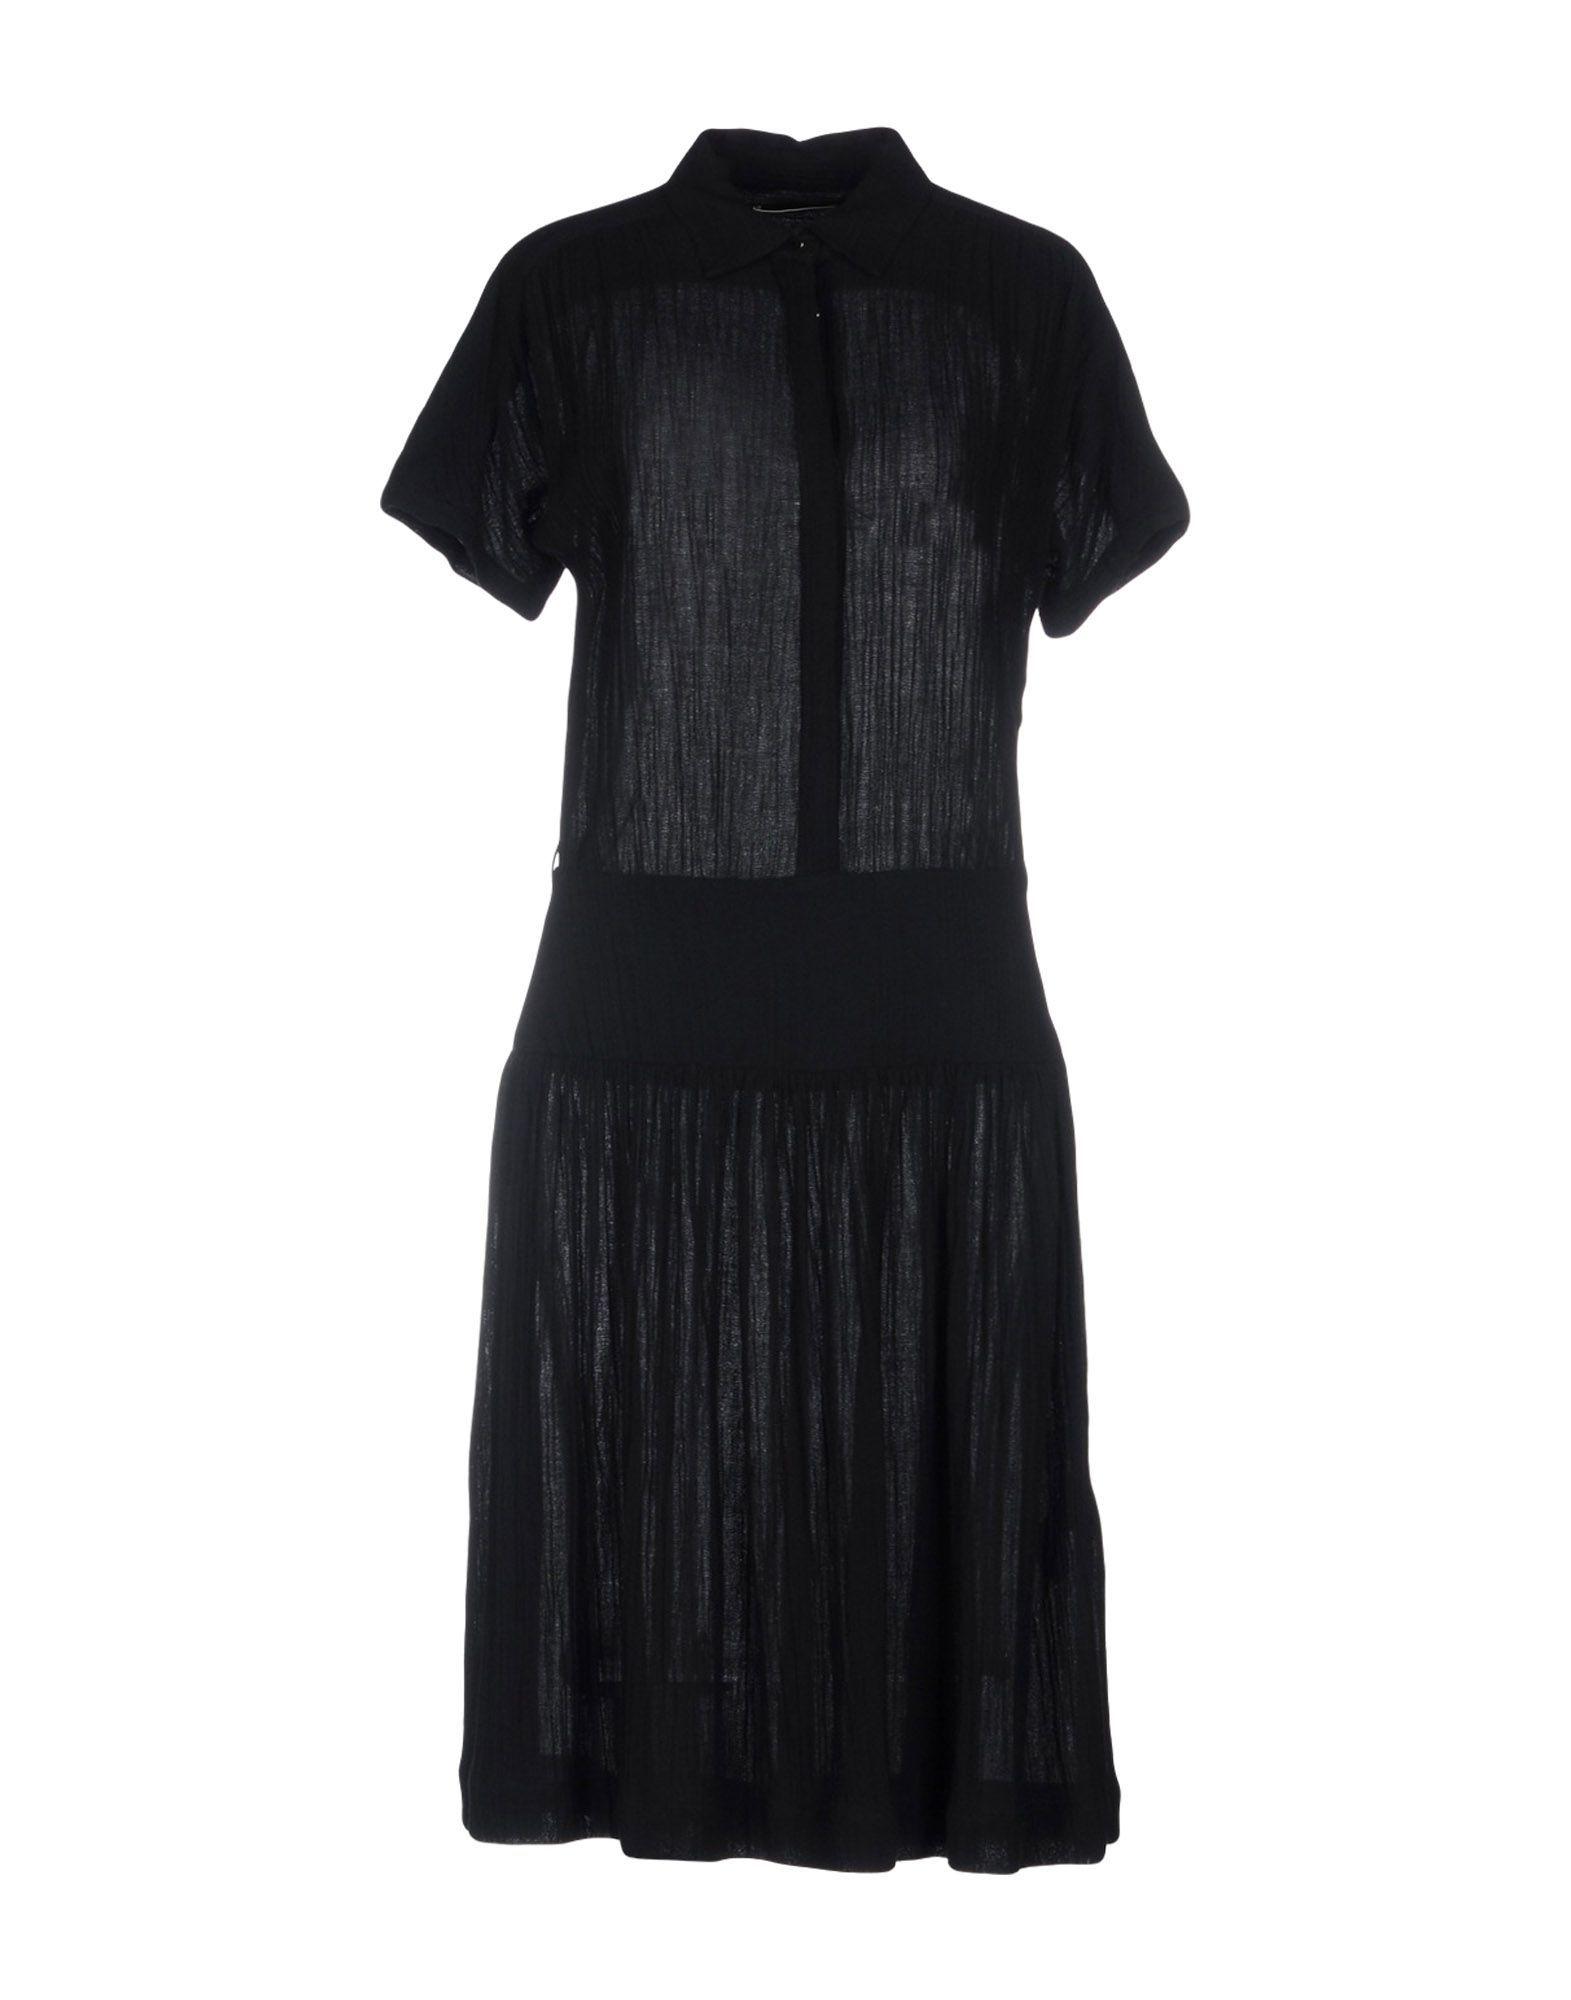 Sessun Black Cotton Short Sleeve Shirt Dress